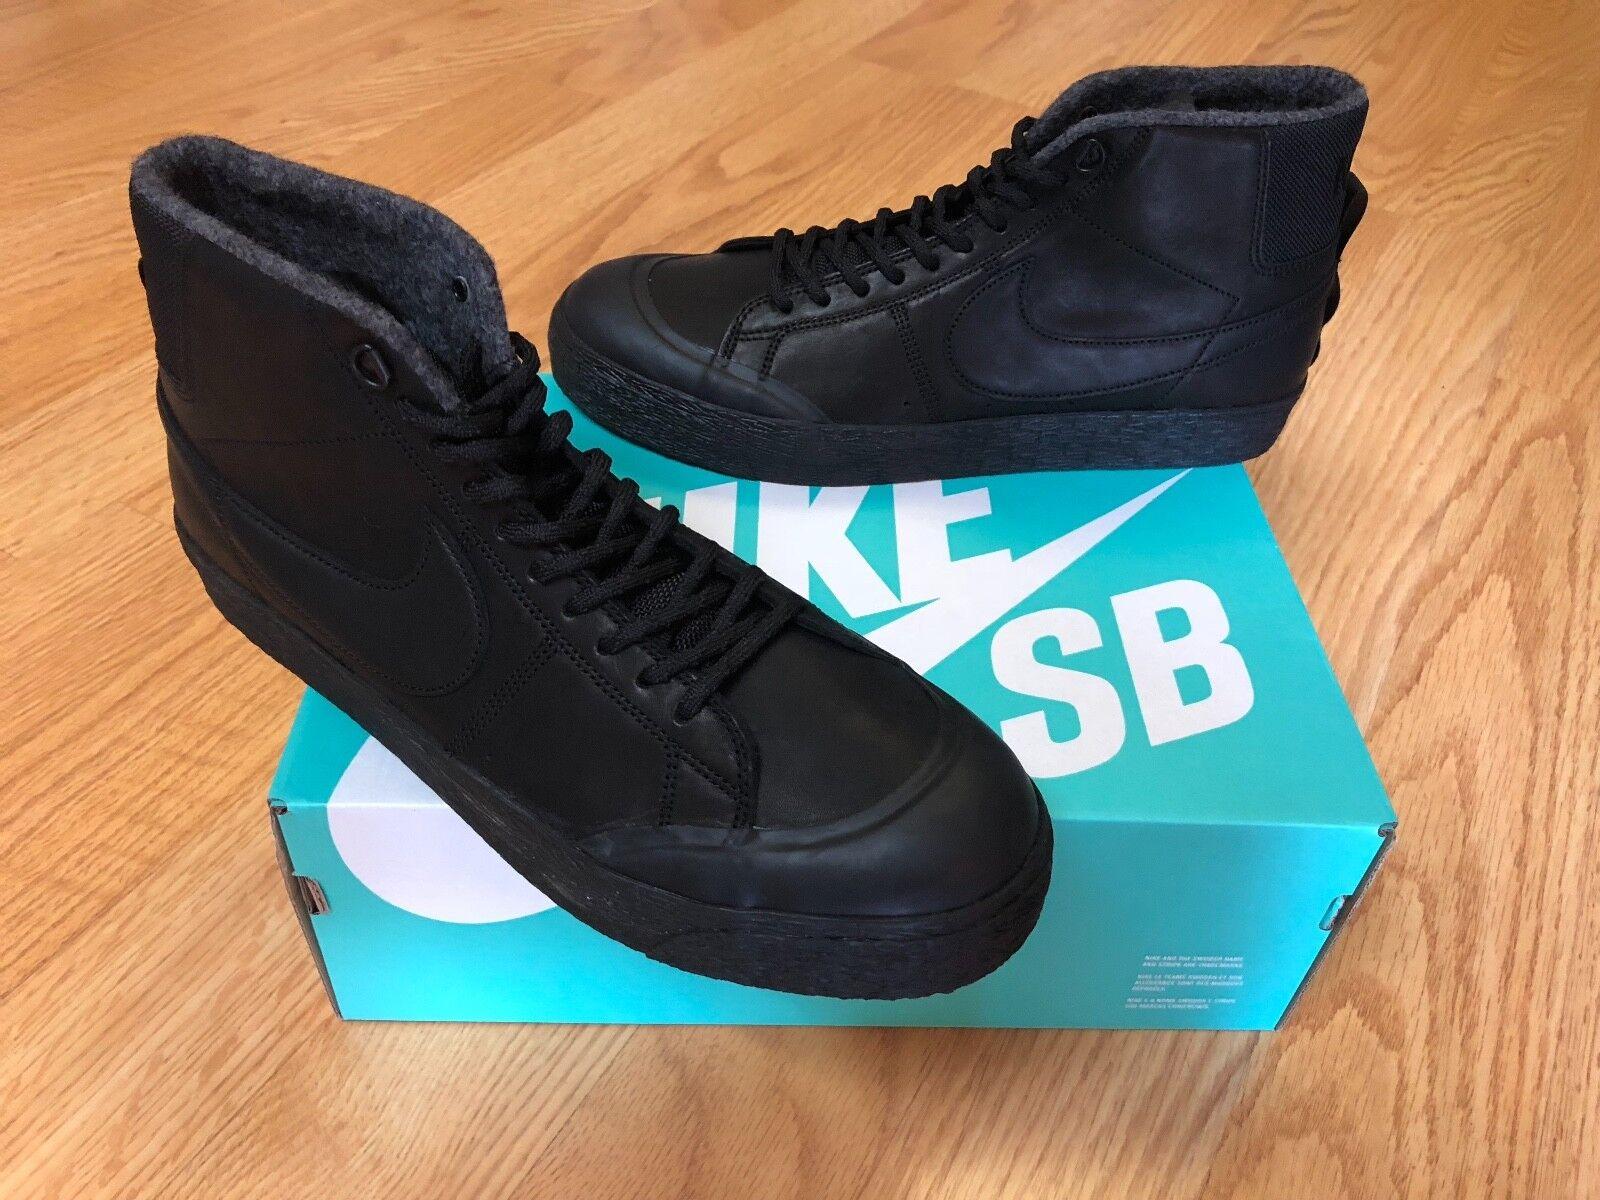 promo code 087ab f405b スケートをする、ナイキSBブレザーは、9.5TZ中央のズームM  XT革袋、NRG、6.0、ジョルダンです、珍しくて、サンプルのeBay公認海外通販 セカイモン